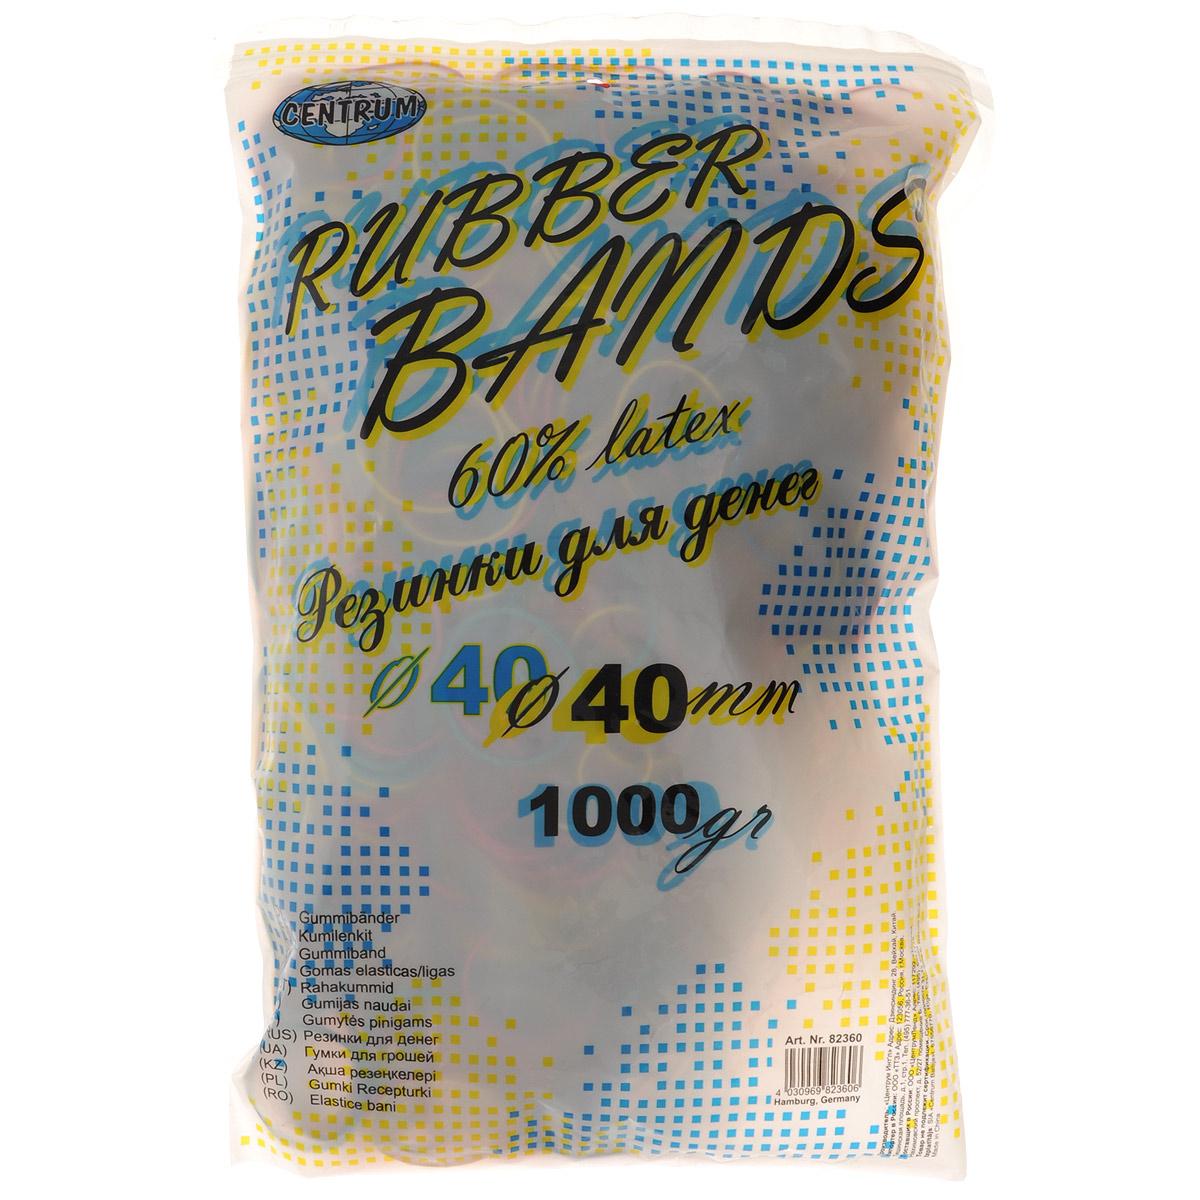 Резинки банковские Centrum, цветные, 4 см, 1000 г82360Банковские резинки Centrum предназначены для перетягивания денежных купюр, пакетов, пластиковых карт, бумаг и визиток. Они изготовлены из каучука с латексом, благодаря чему их не так легко порвать, даже если сильно растянуть.В комплекте резинки синего, желтого, красного и зеленого цветов.